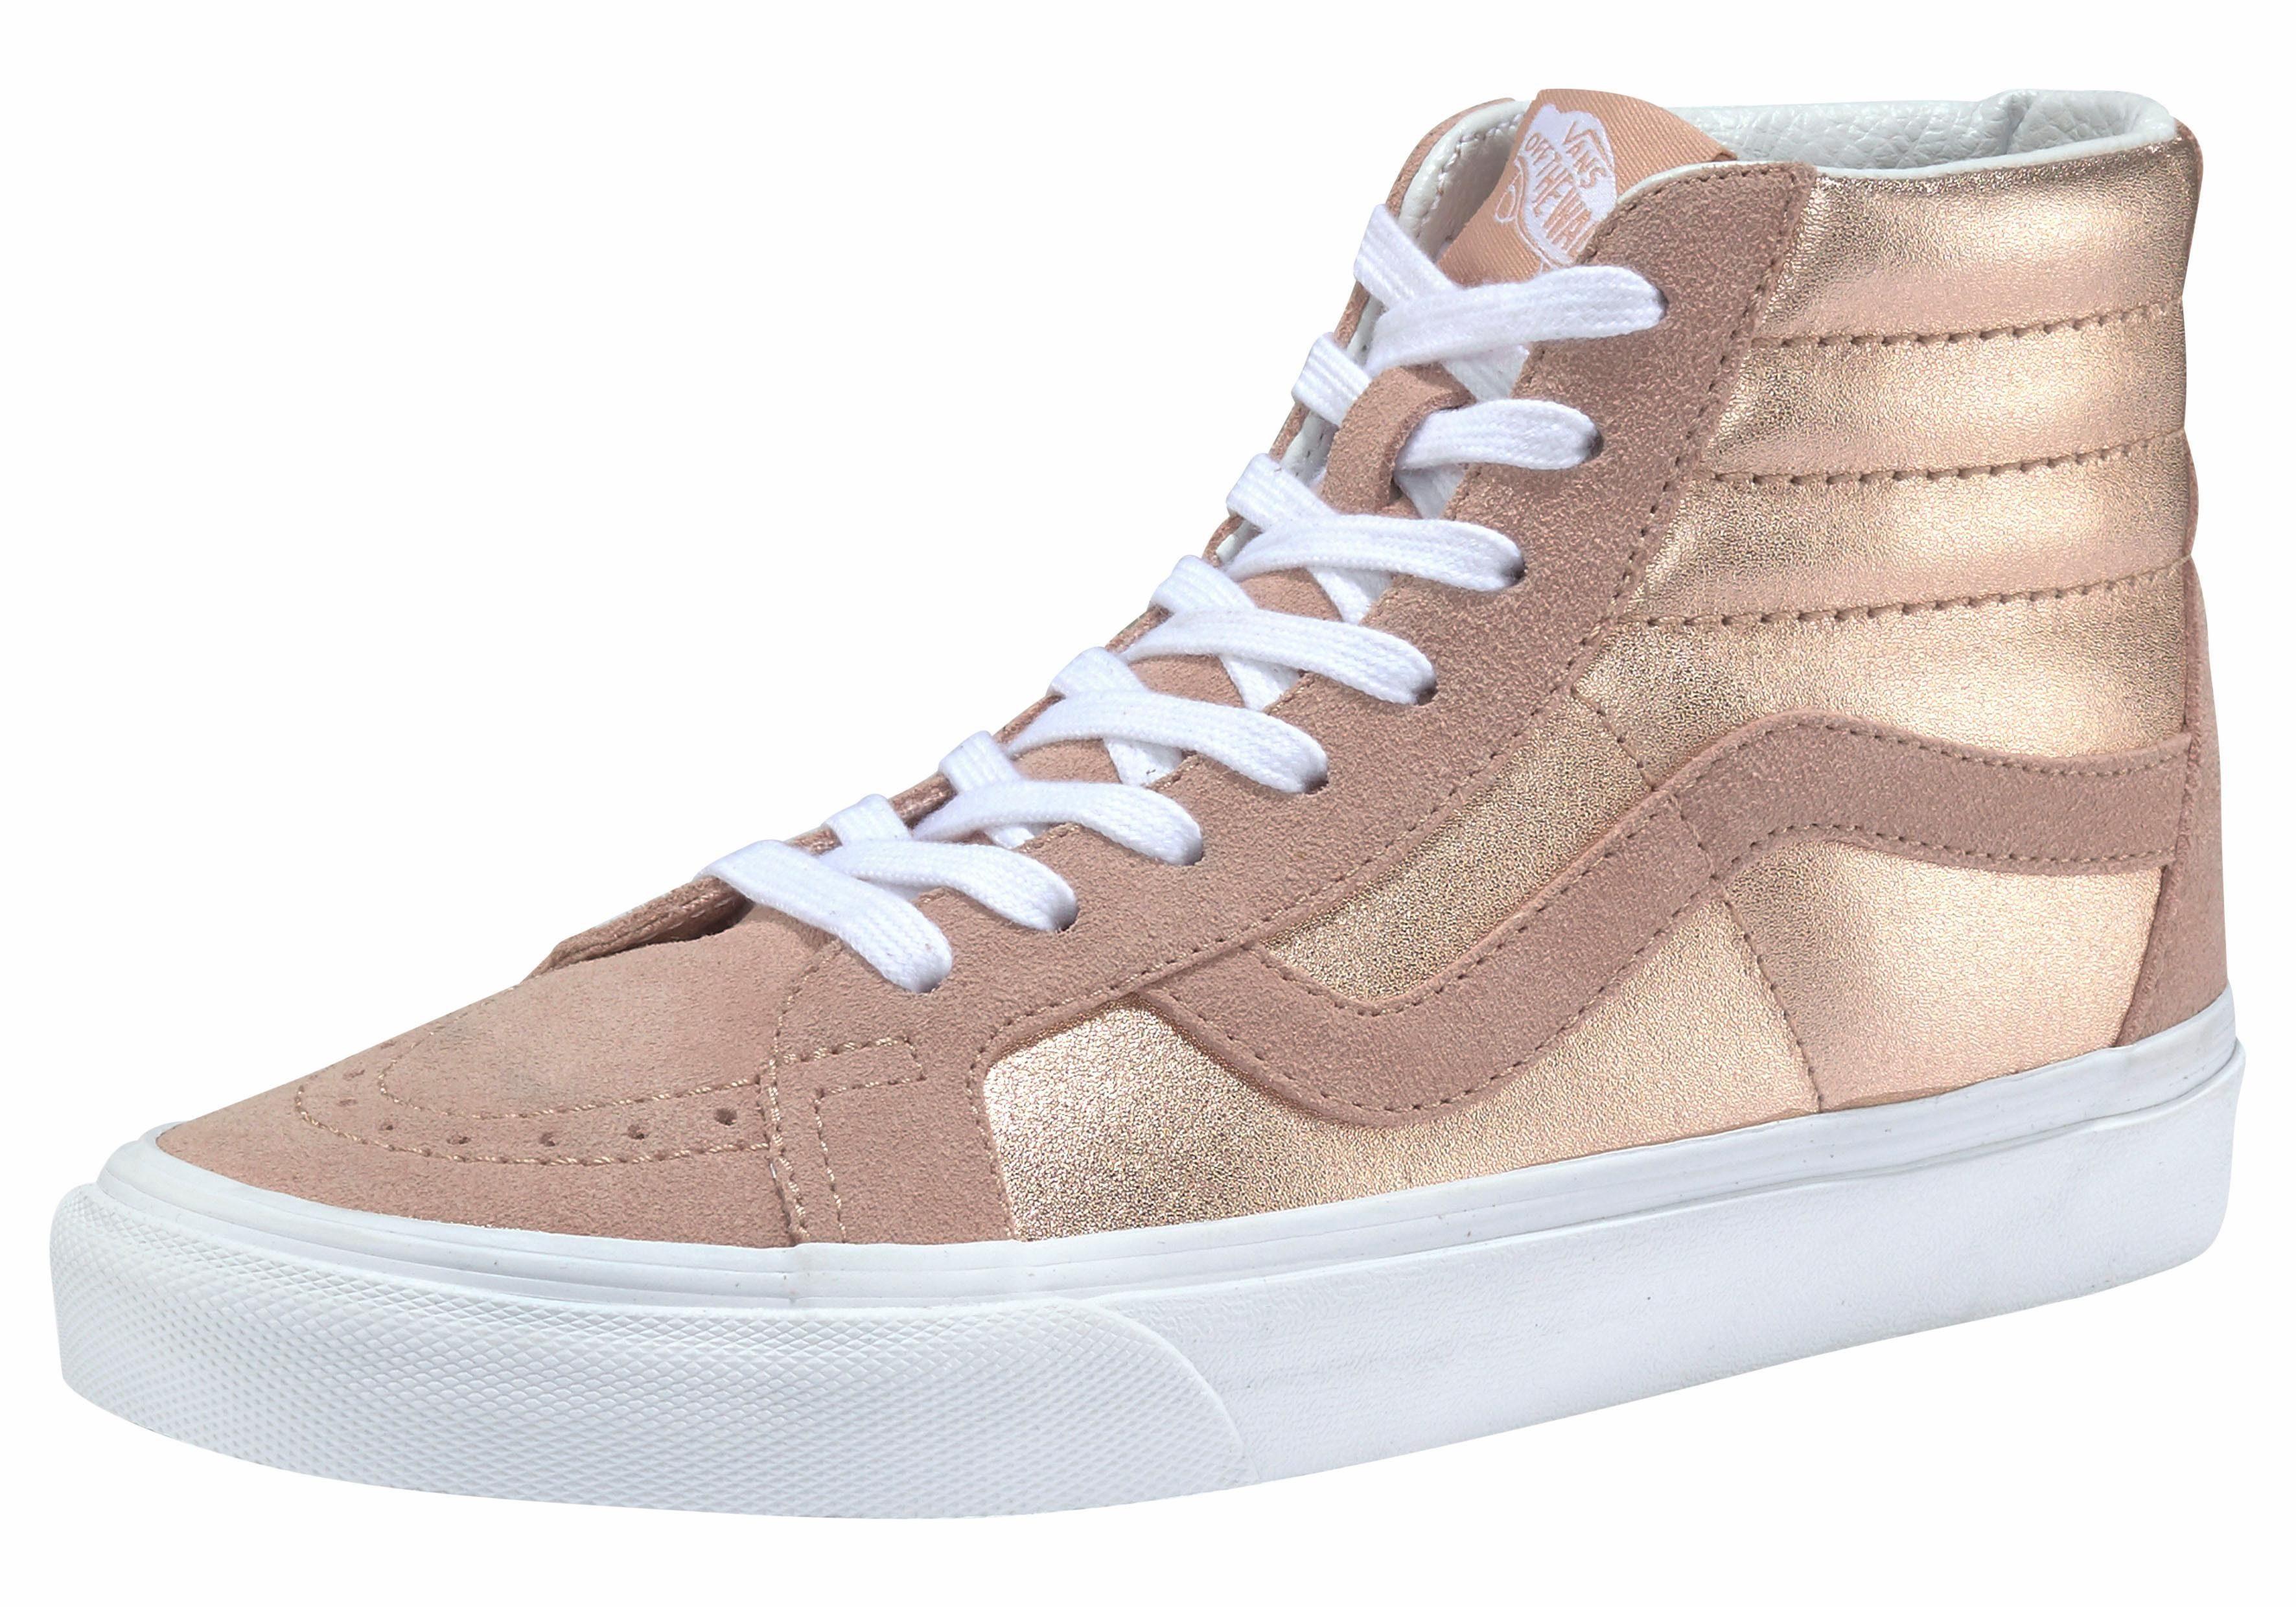 Vans SK8-Hi Reissue W Sneaker online kaufen  rosé-roségoldfarben